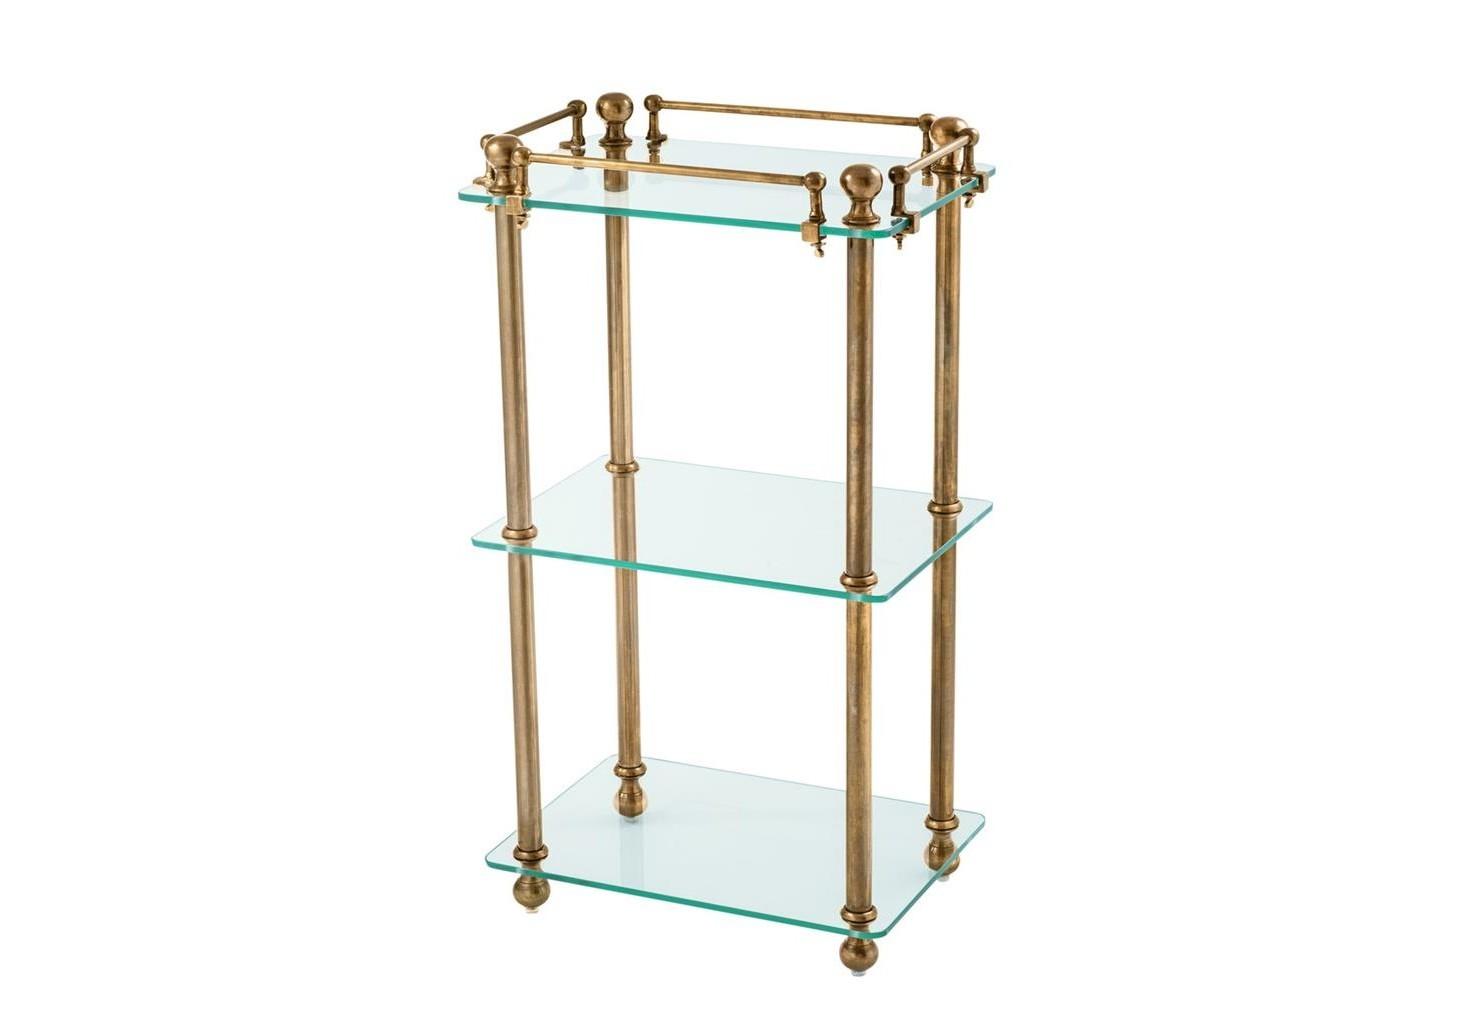 СтолПриставные столики<br>Столик Bathroom Rack Devon выполнен из металла цвета состаренная латунь. Полки из плотного прозрачного стекла.<br><br>Material: Стекло<br>Width см: 43<br>Depth см: 32<br>Height см: 82